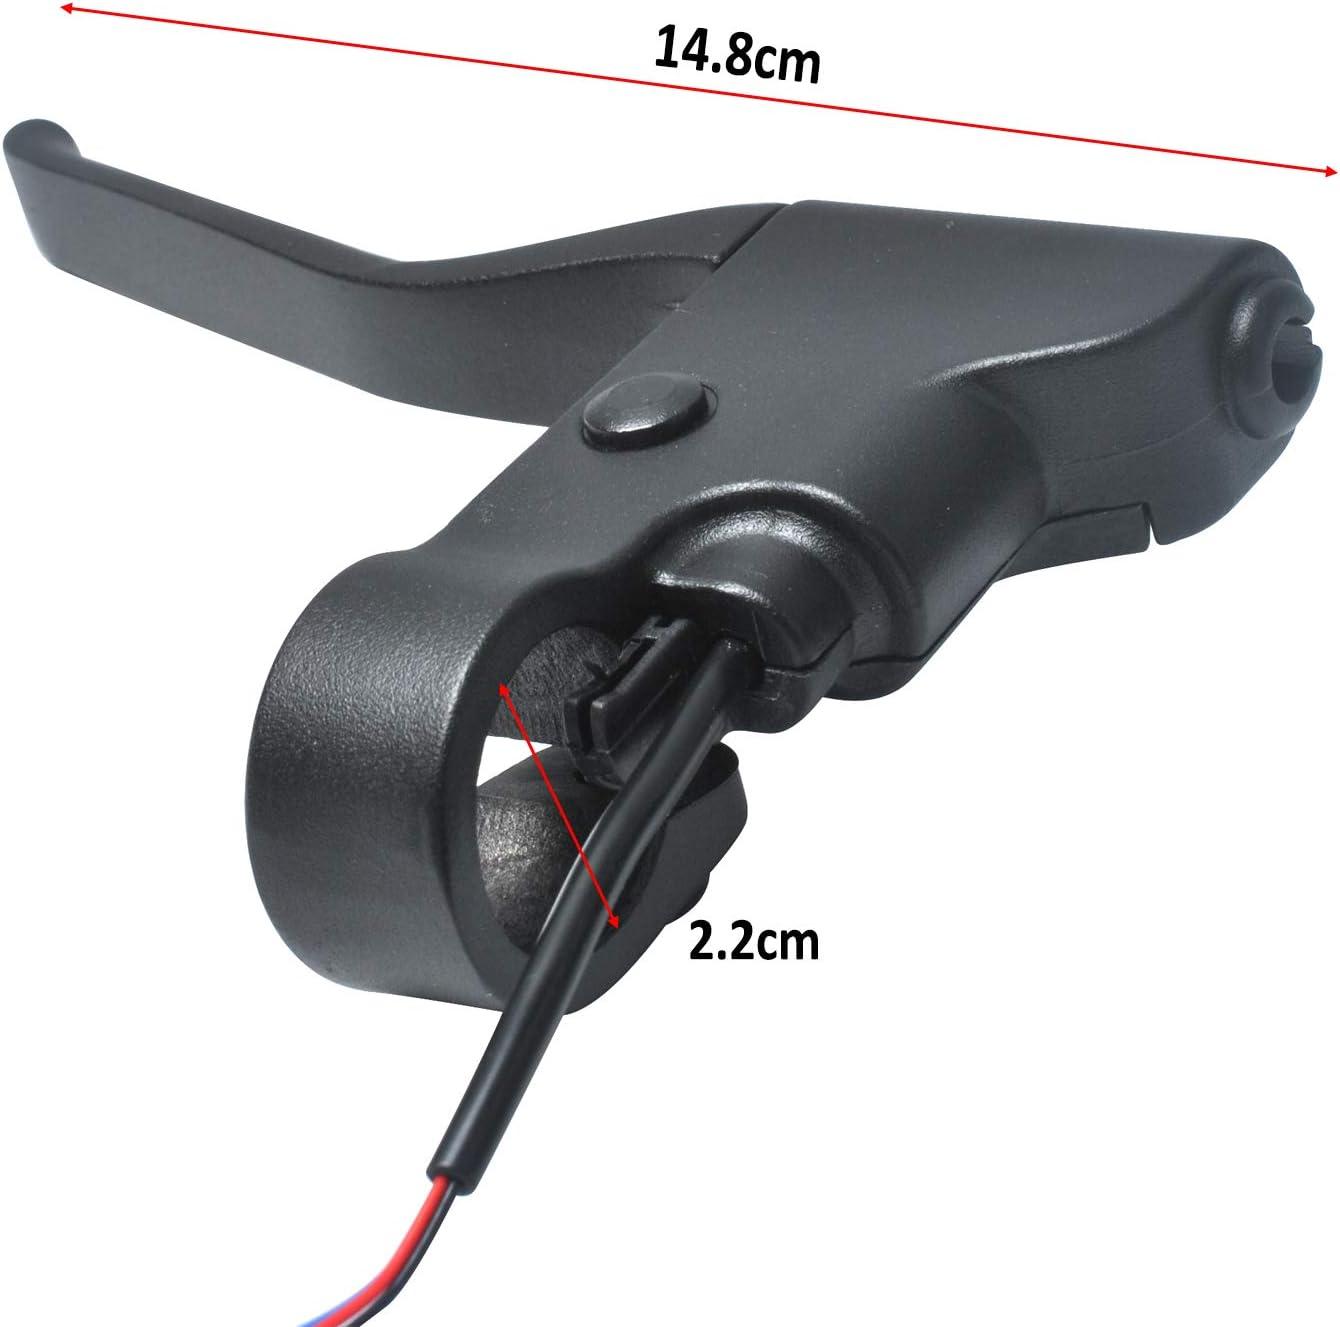 Poweka Ersatz Bremshebel Vorne Für Xiao Mi Mijia M365 Elektroroller Baumarkt